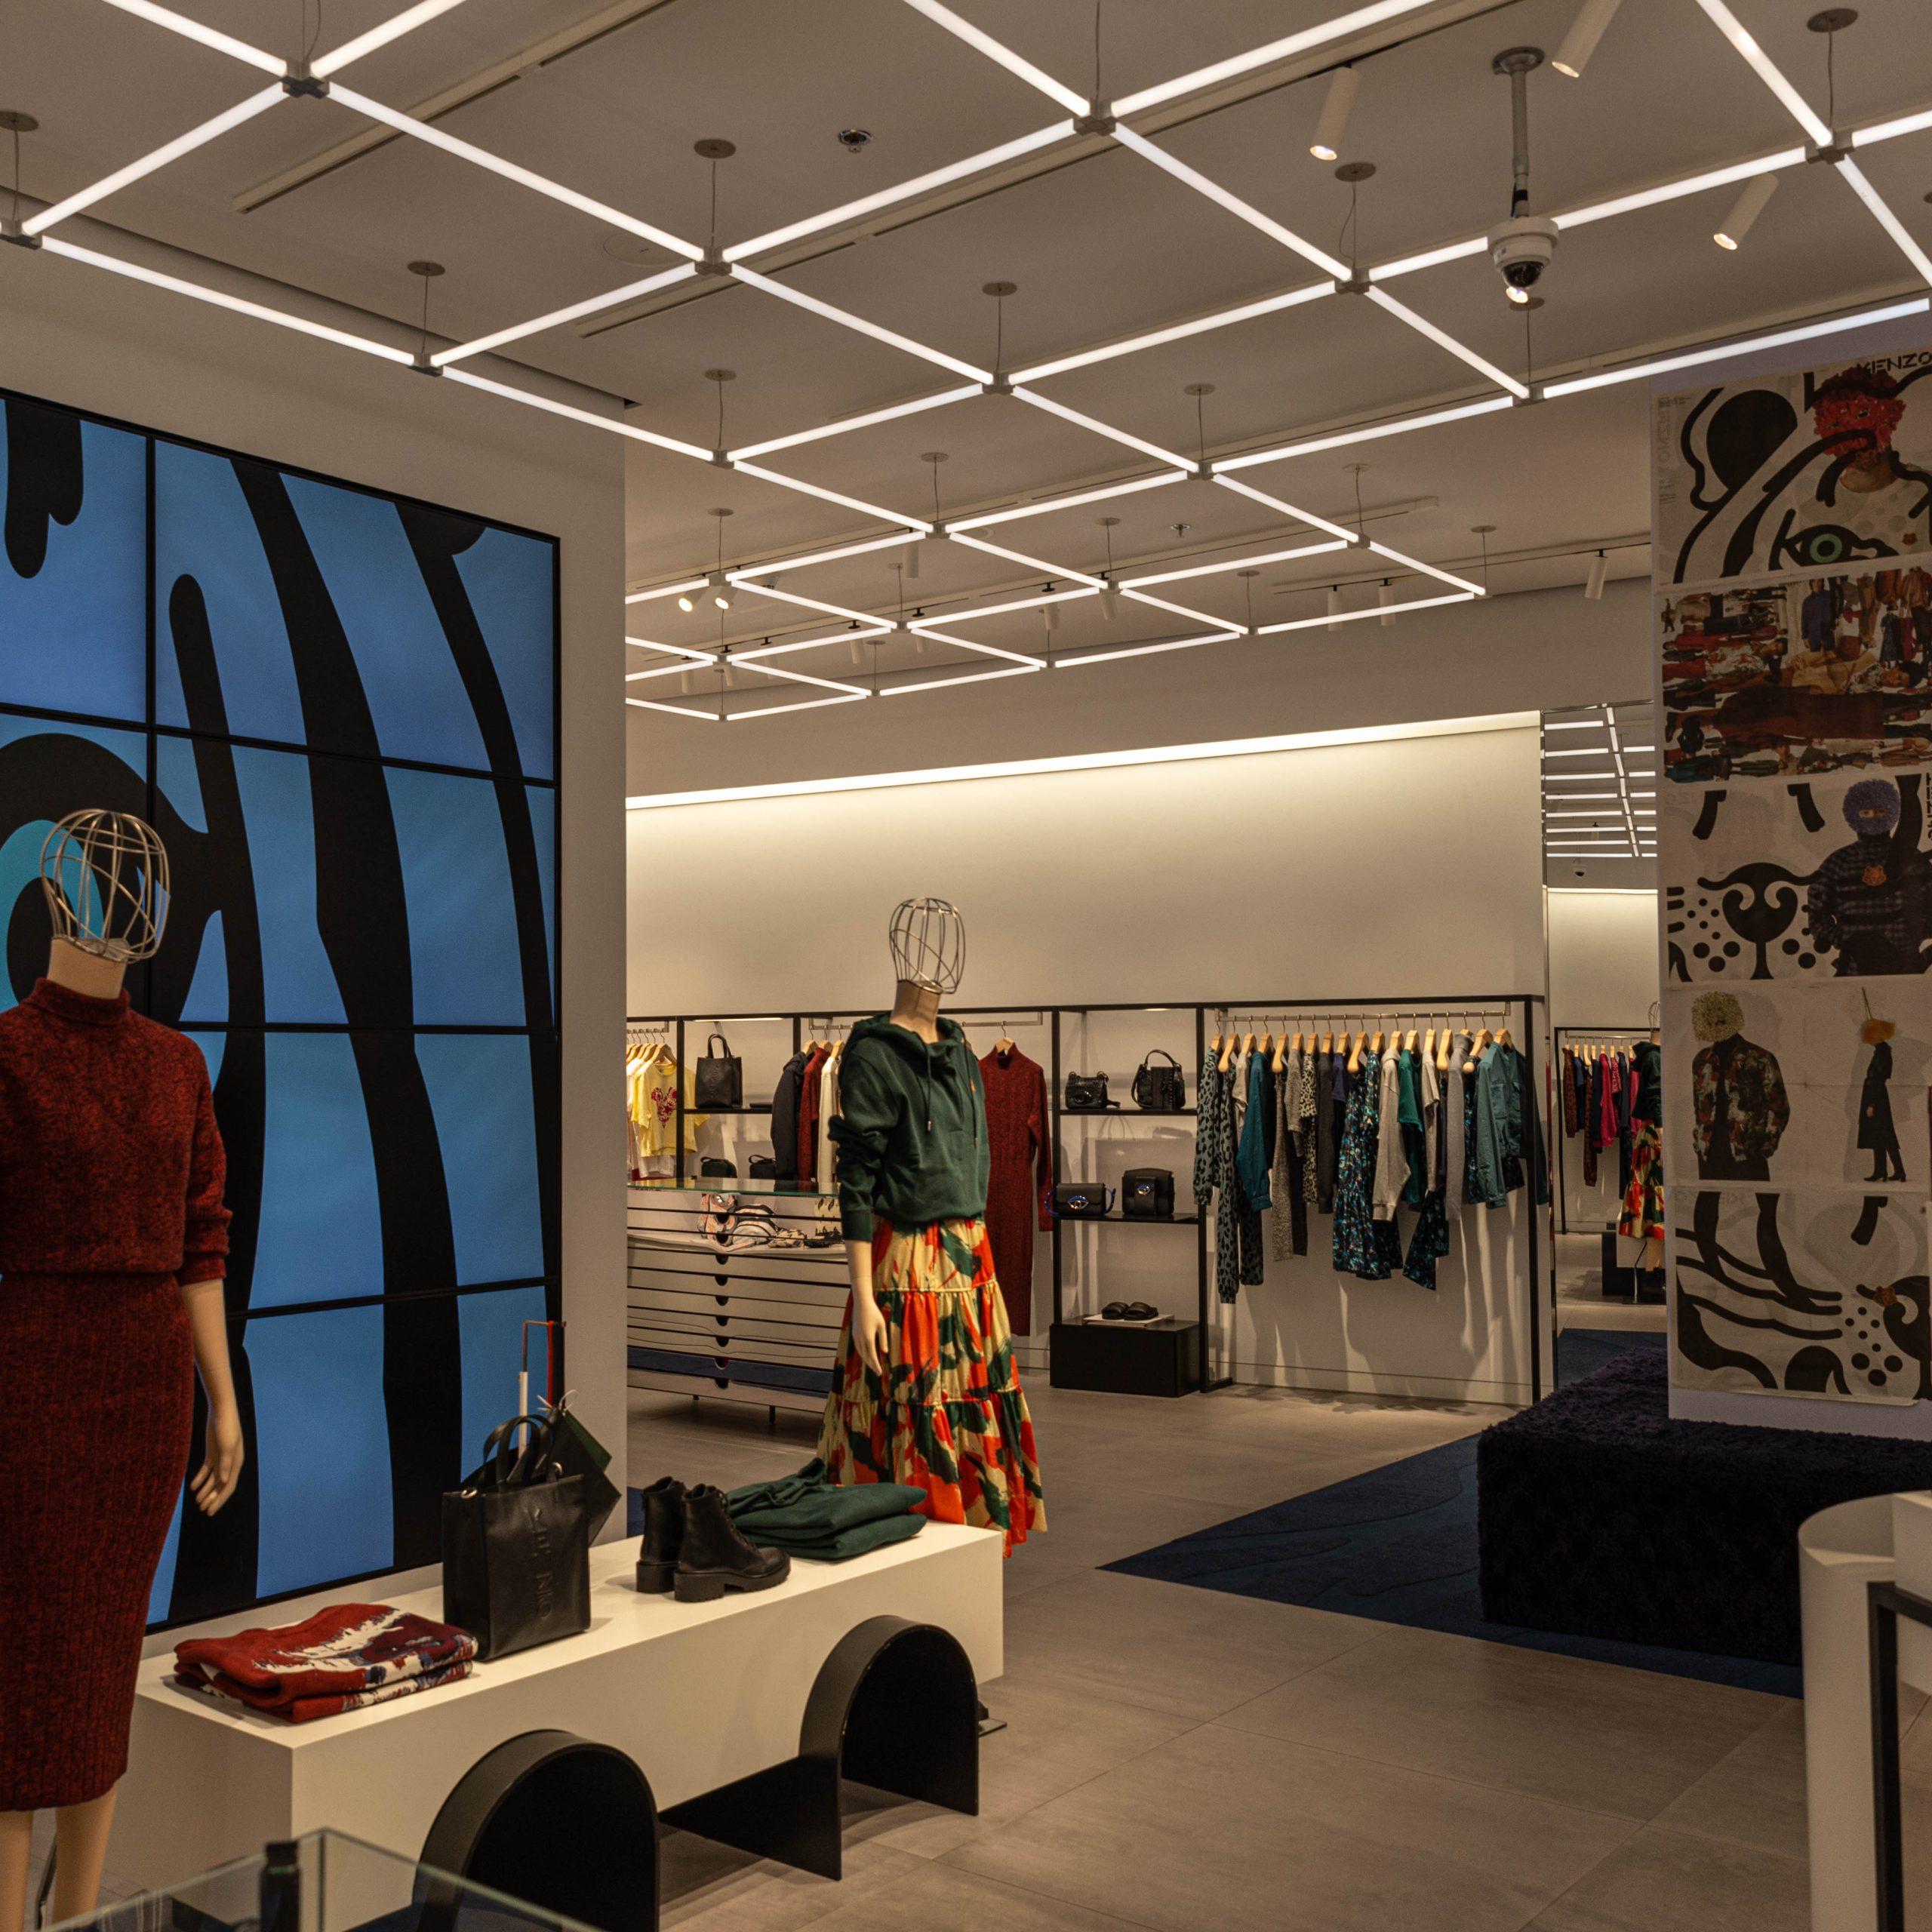 Kenzo at Dubai Mall – Dubai, UAE